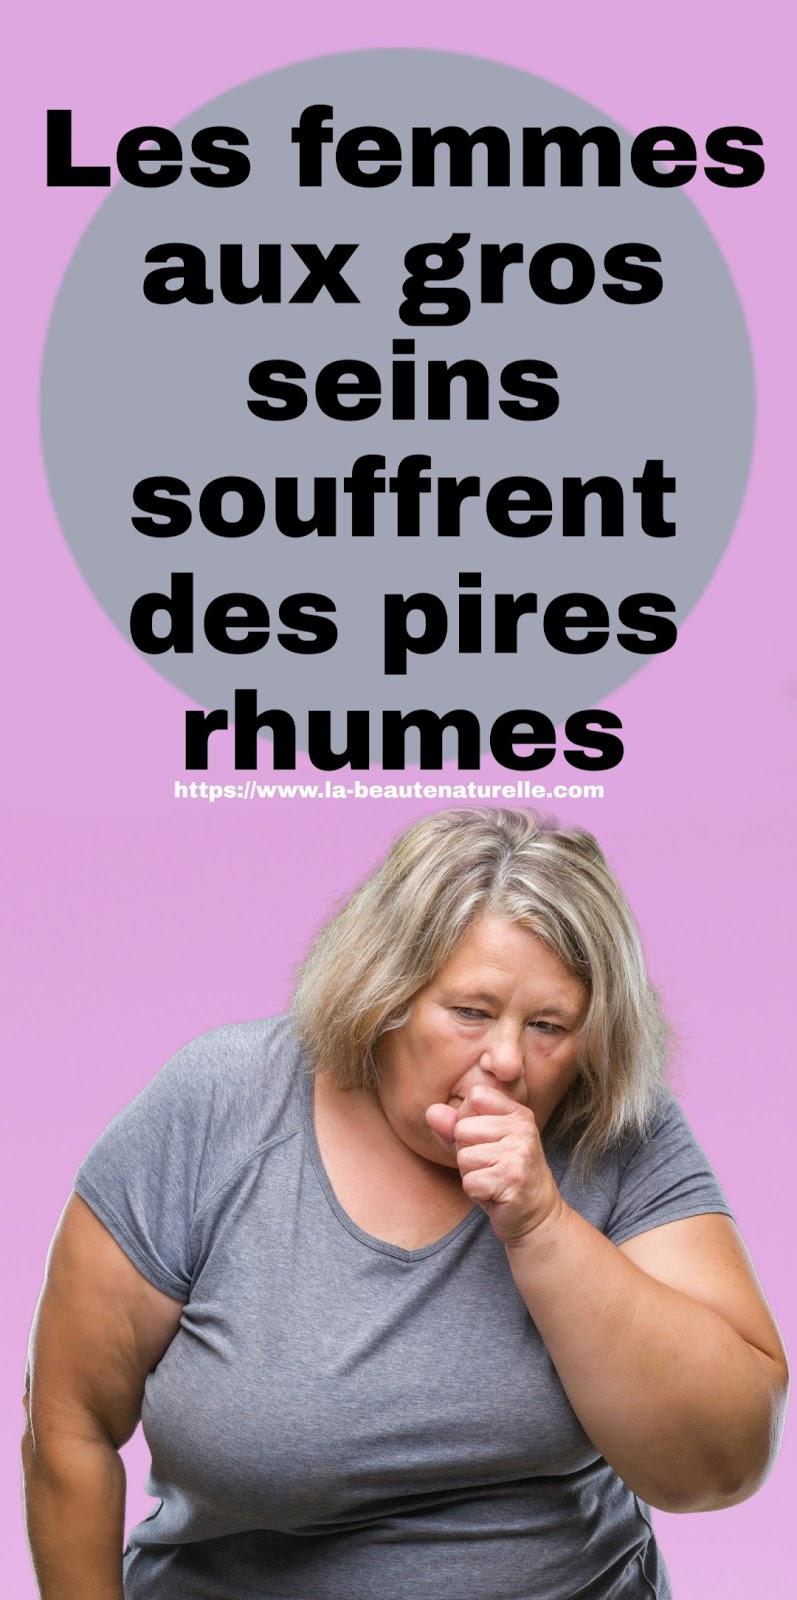 Les femmes aux gros seins souffrent des pires rhumes